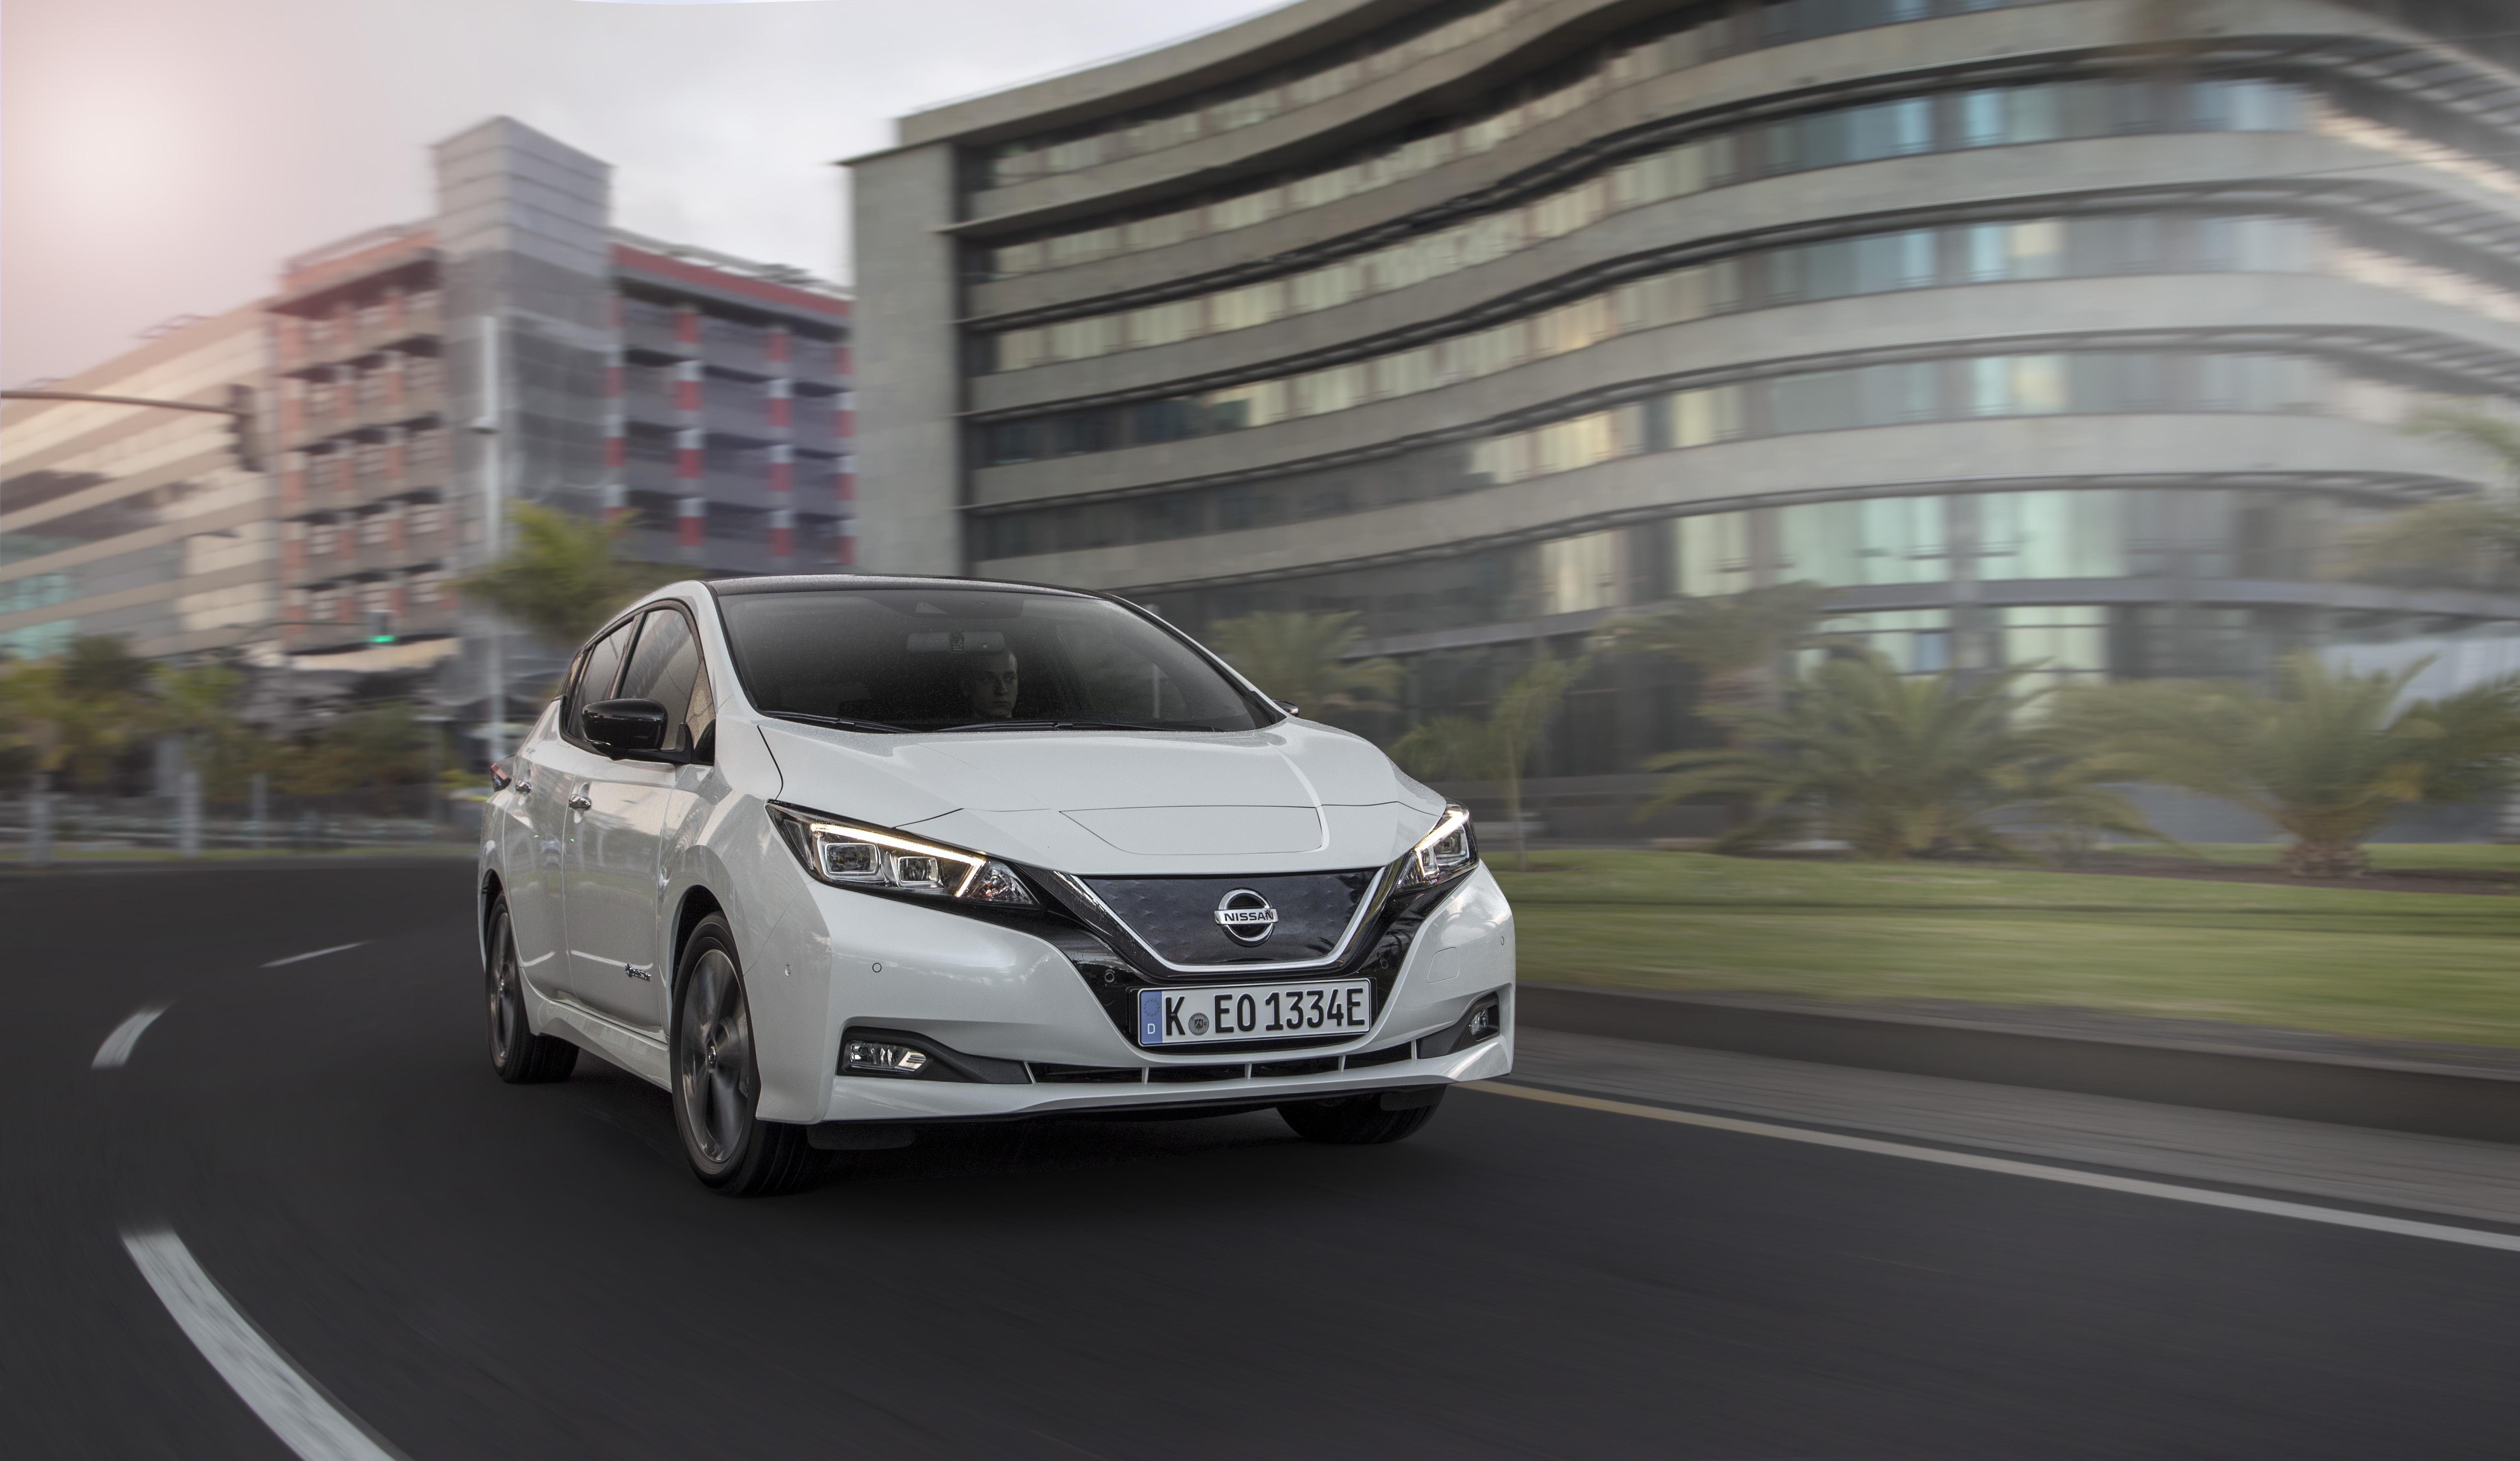 Novo Nissan Leaf vendeu mais em sete meses que o anterior em sete anos